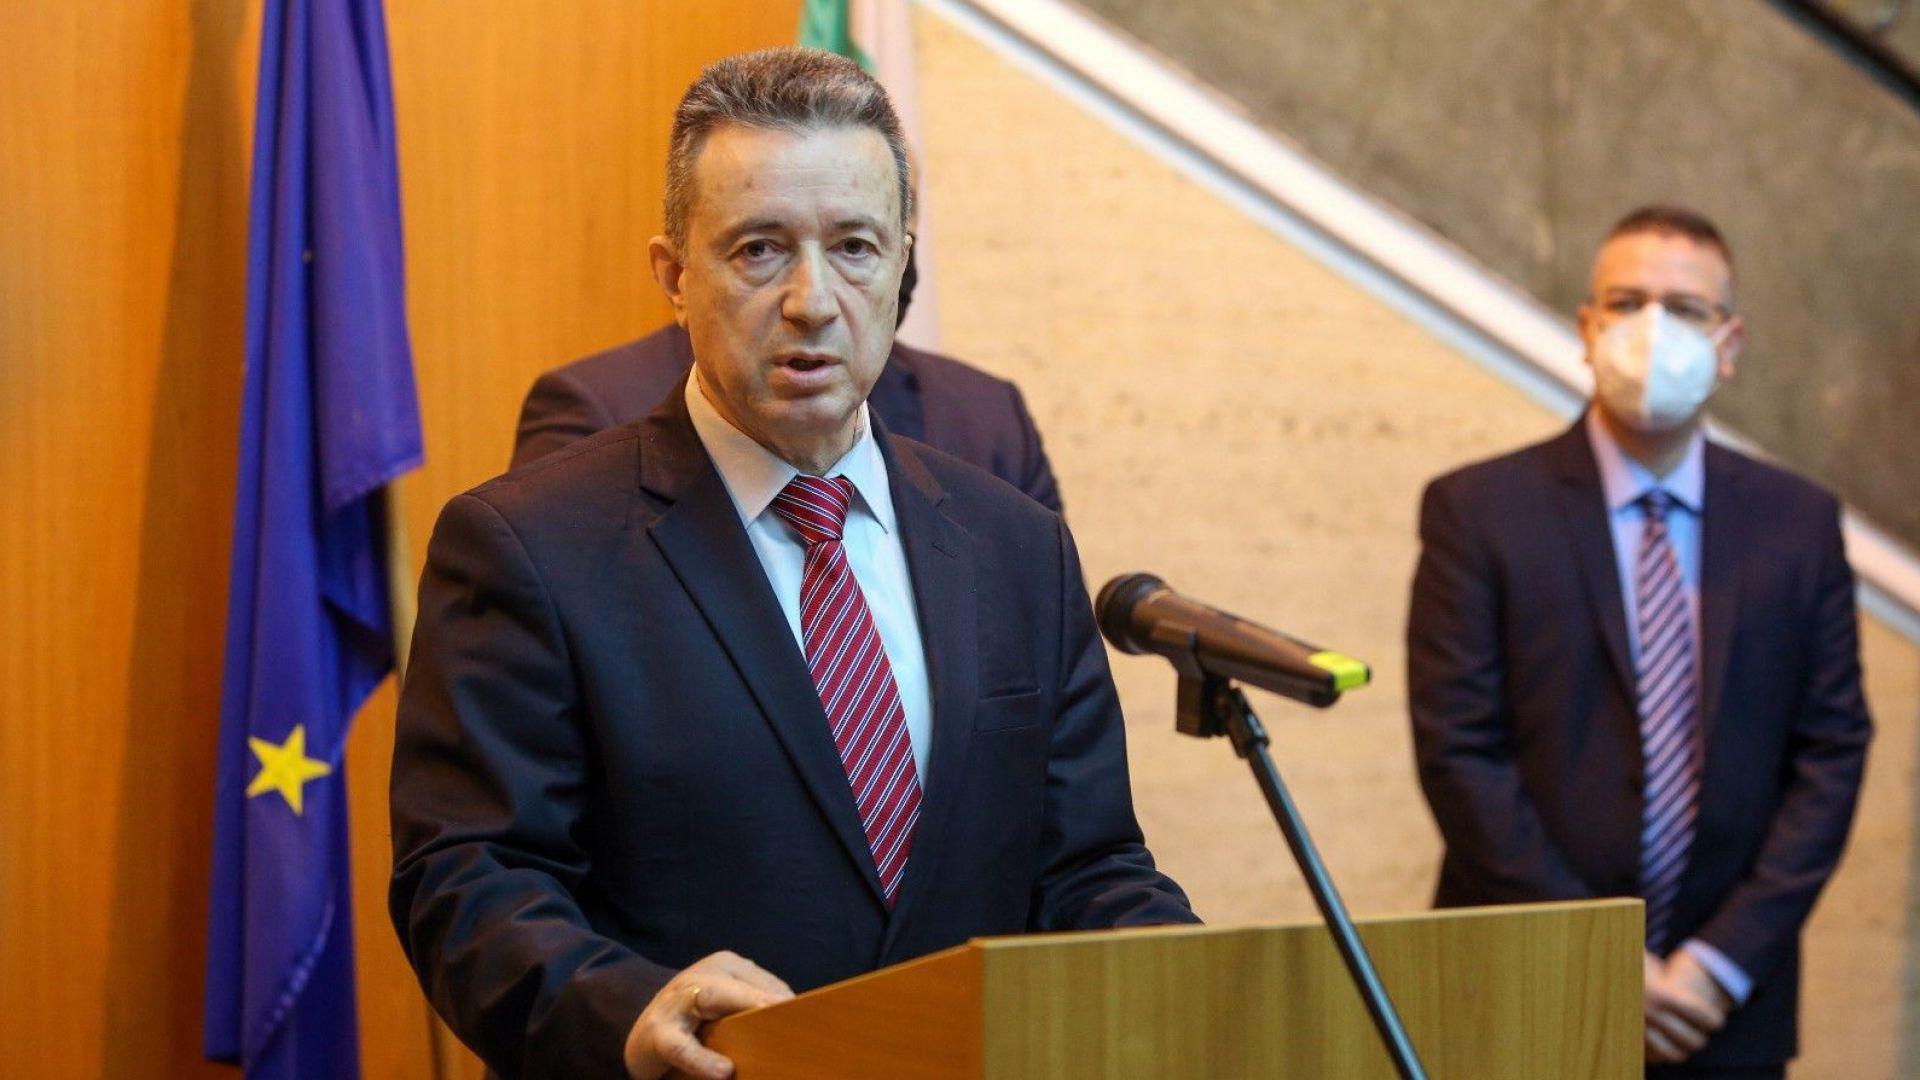 Стоилов: В бюджета нямаше средства за допълнителните пари за пенсионерите и лекарите